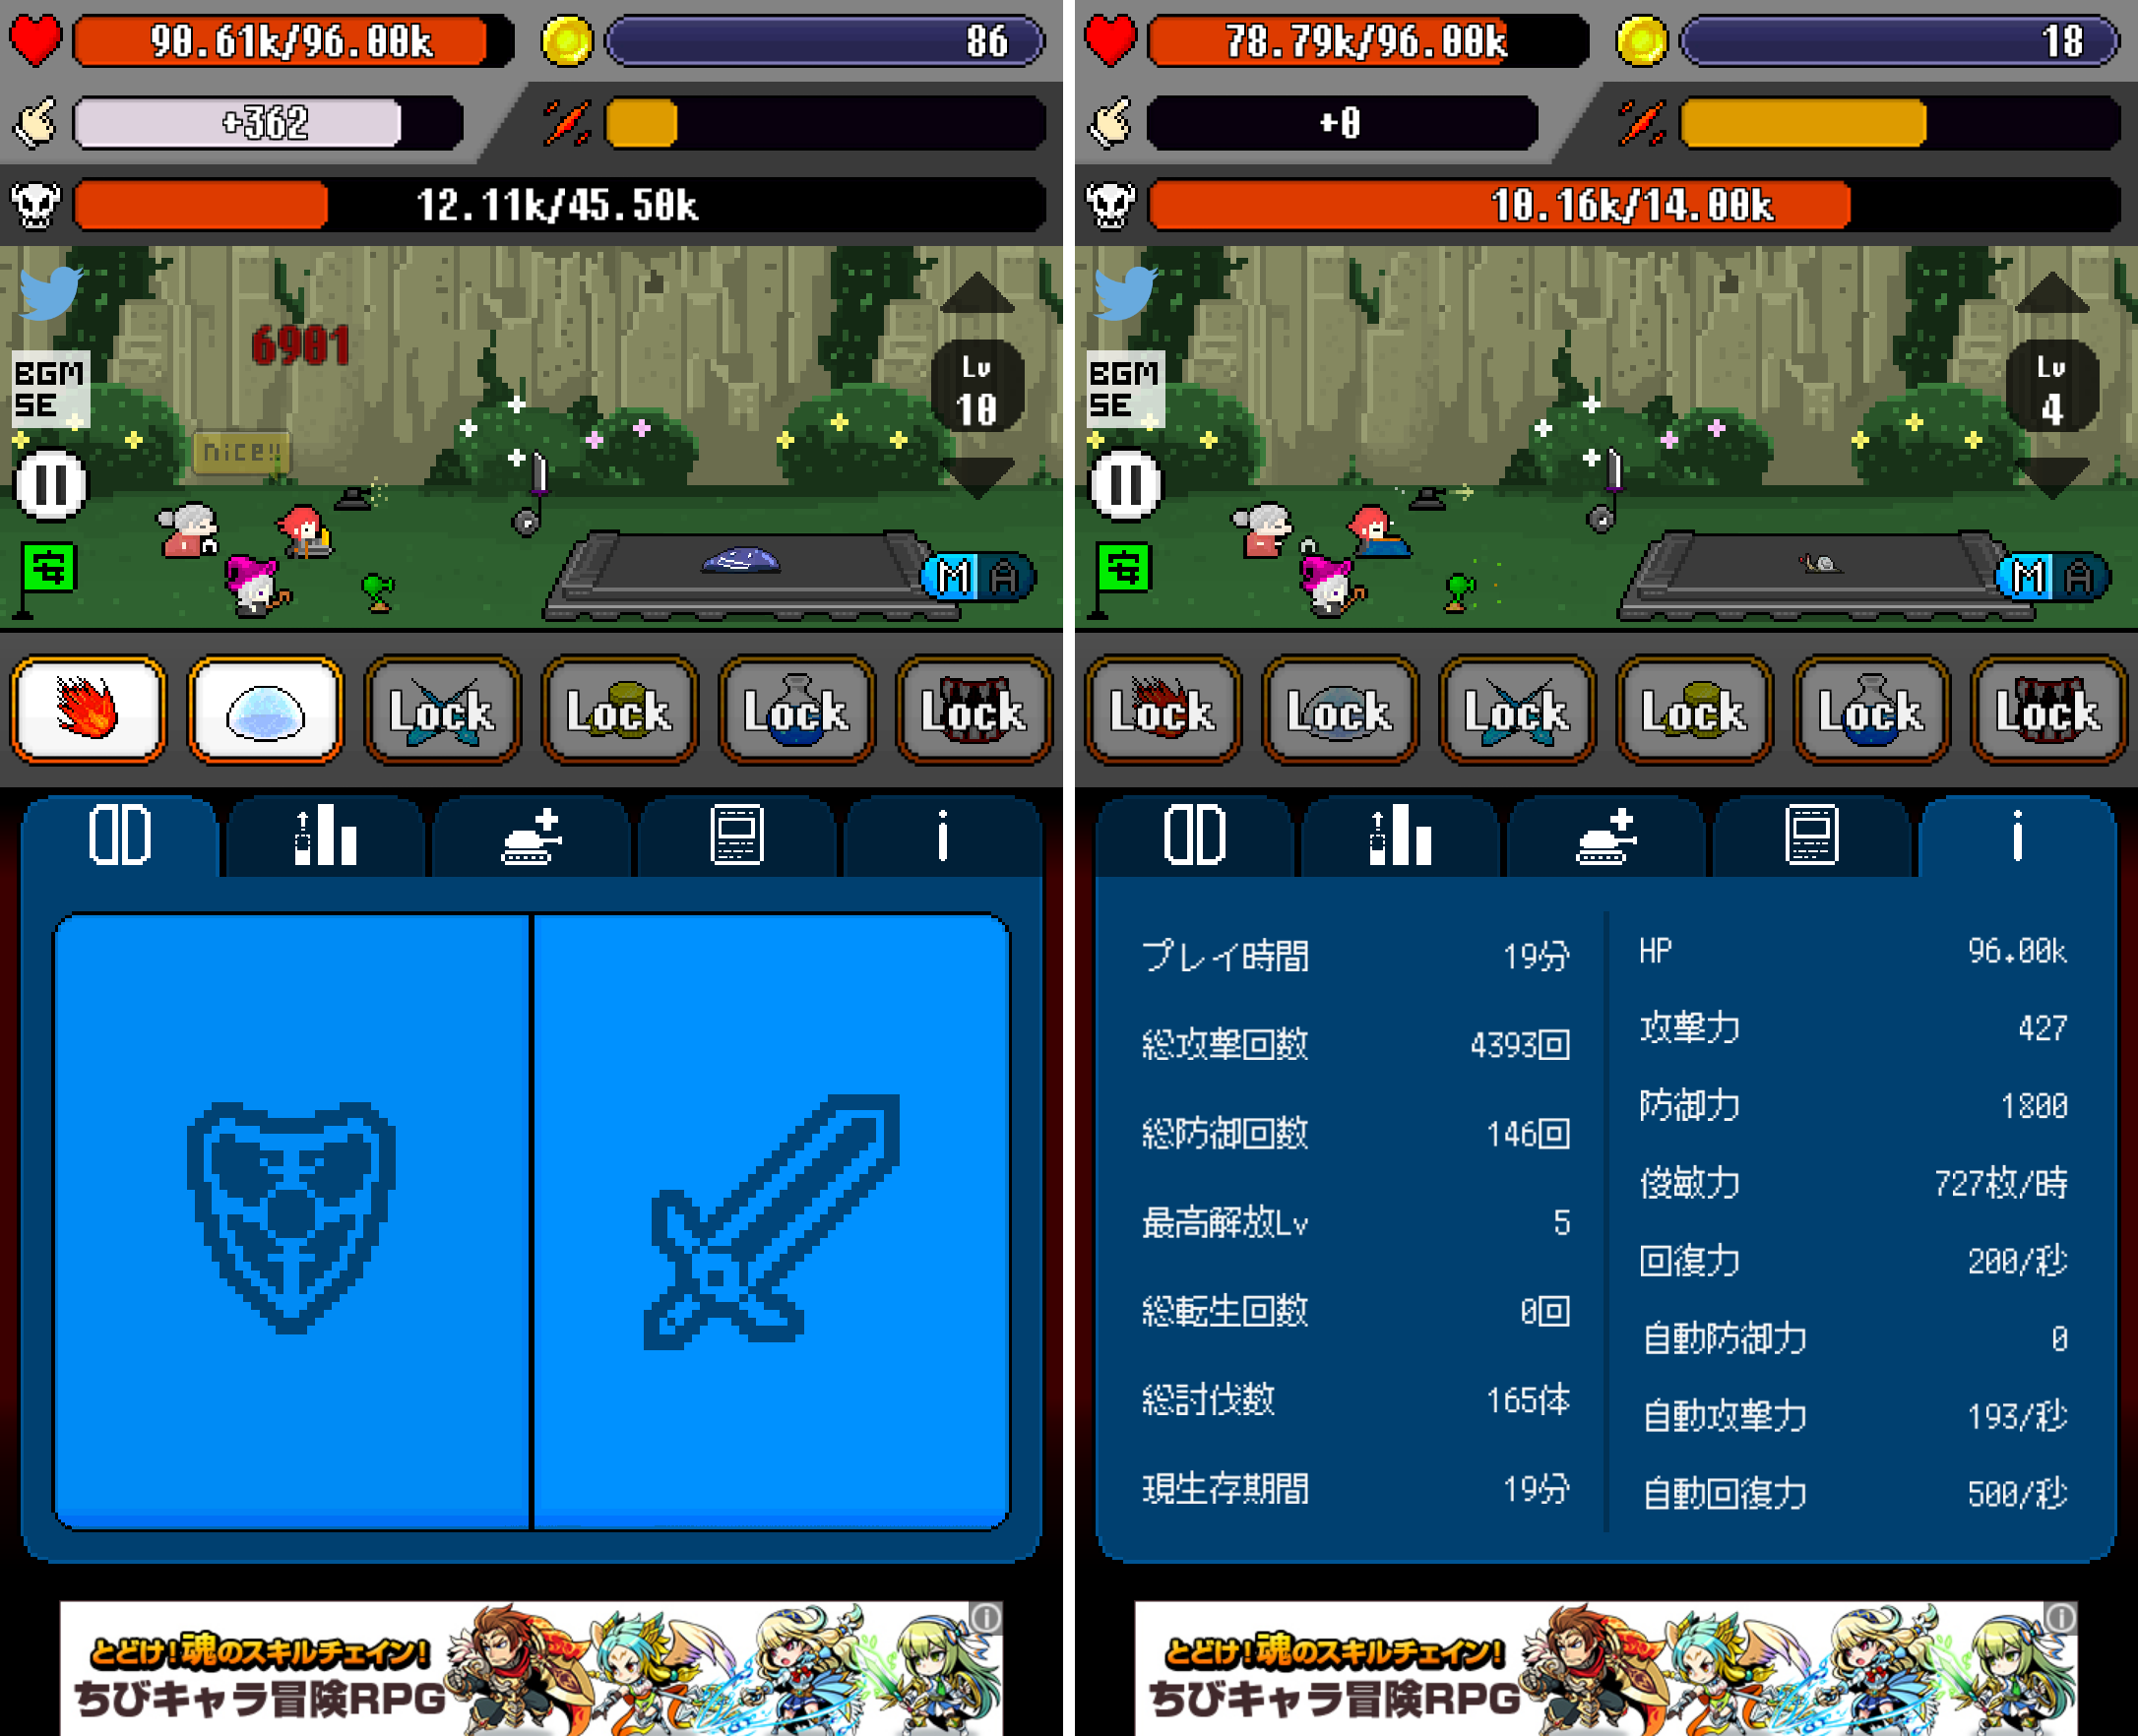 サモンズ・ヒーロー androidアプリスクリーンショット3